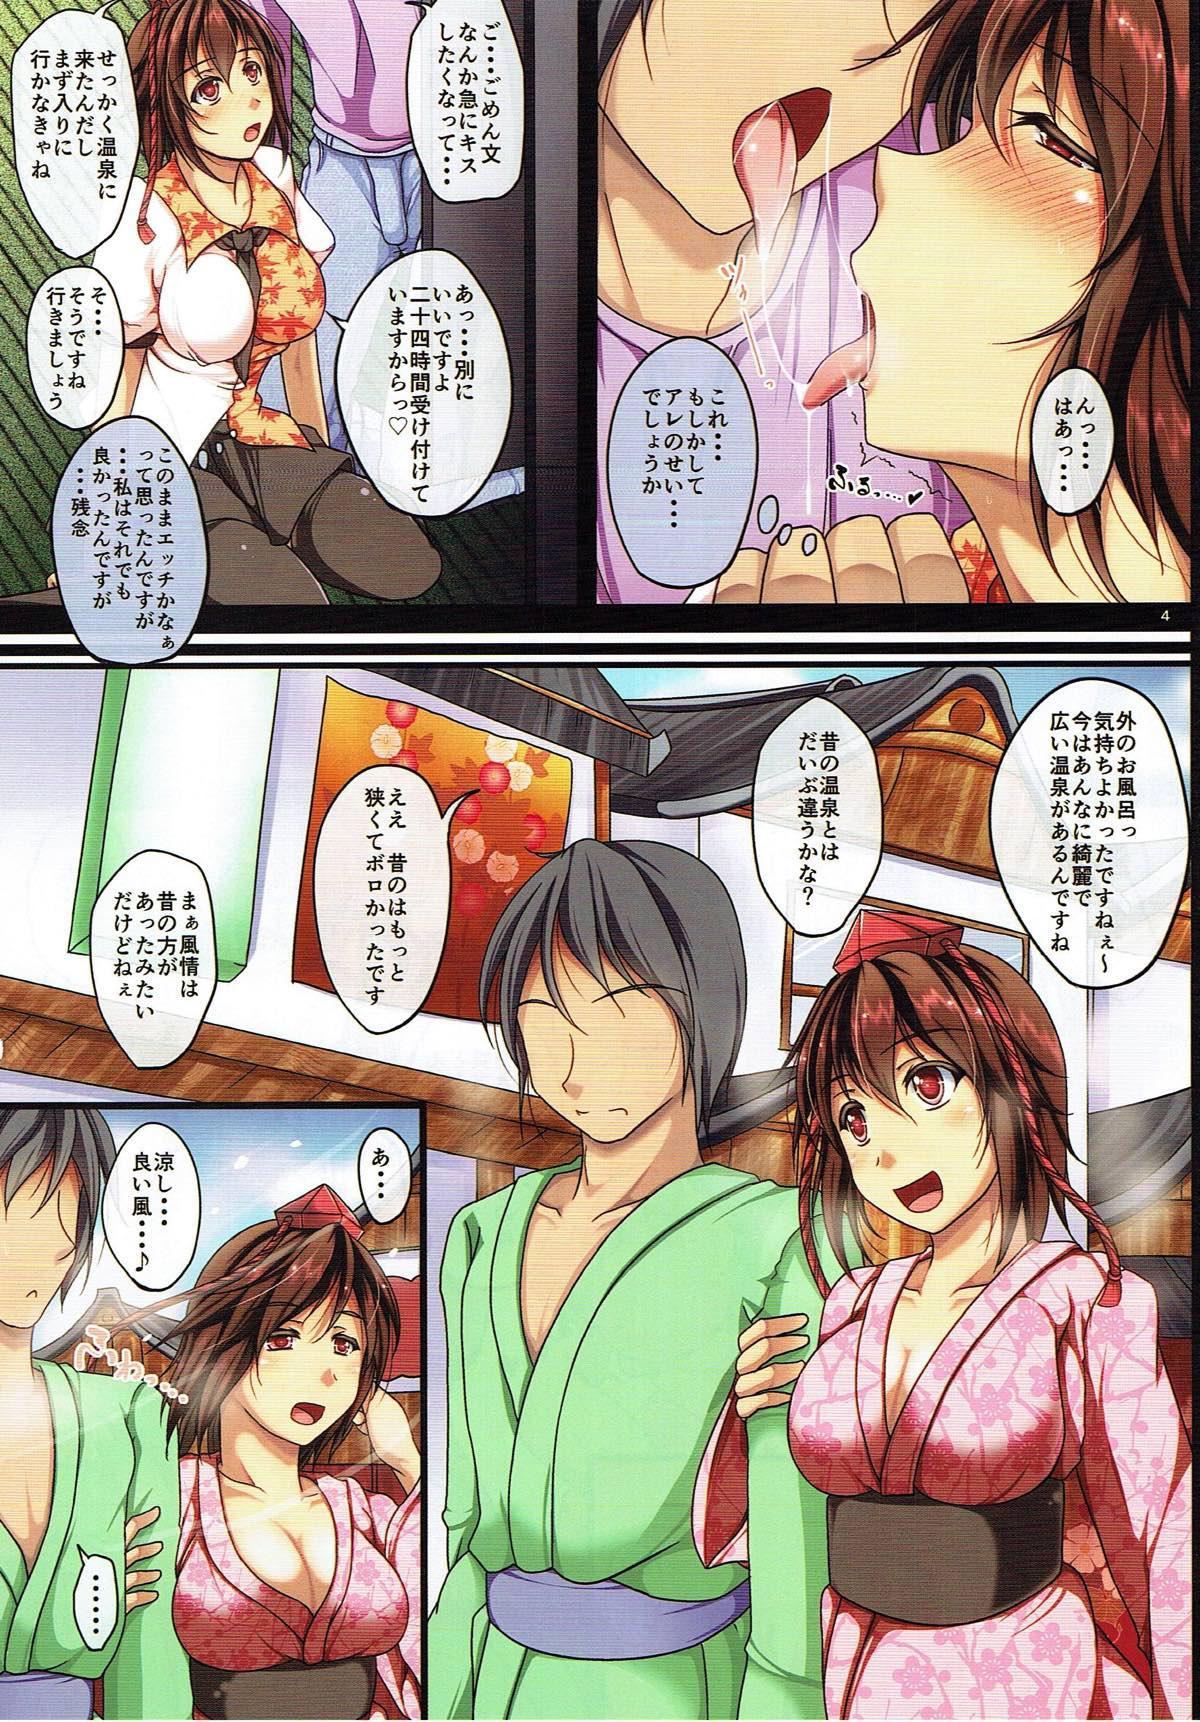 Sono Tengu Kanojo ni Tsuki - Koi no Biyaku to Onsen to 4